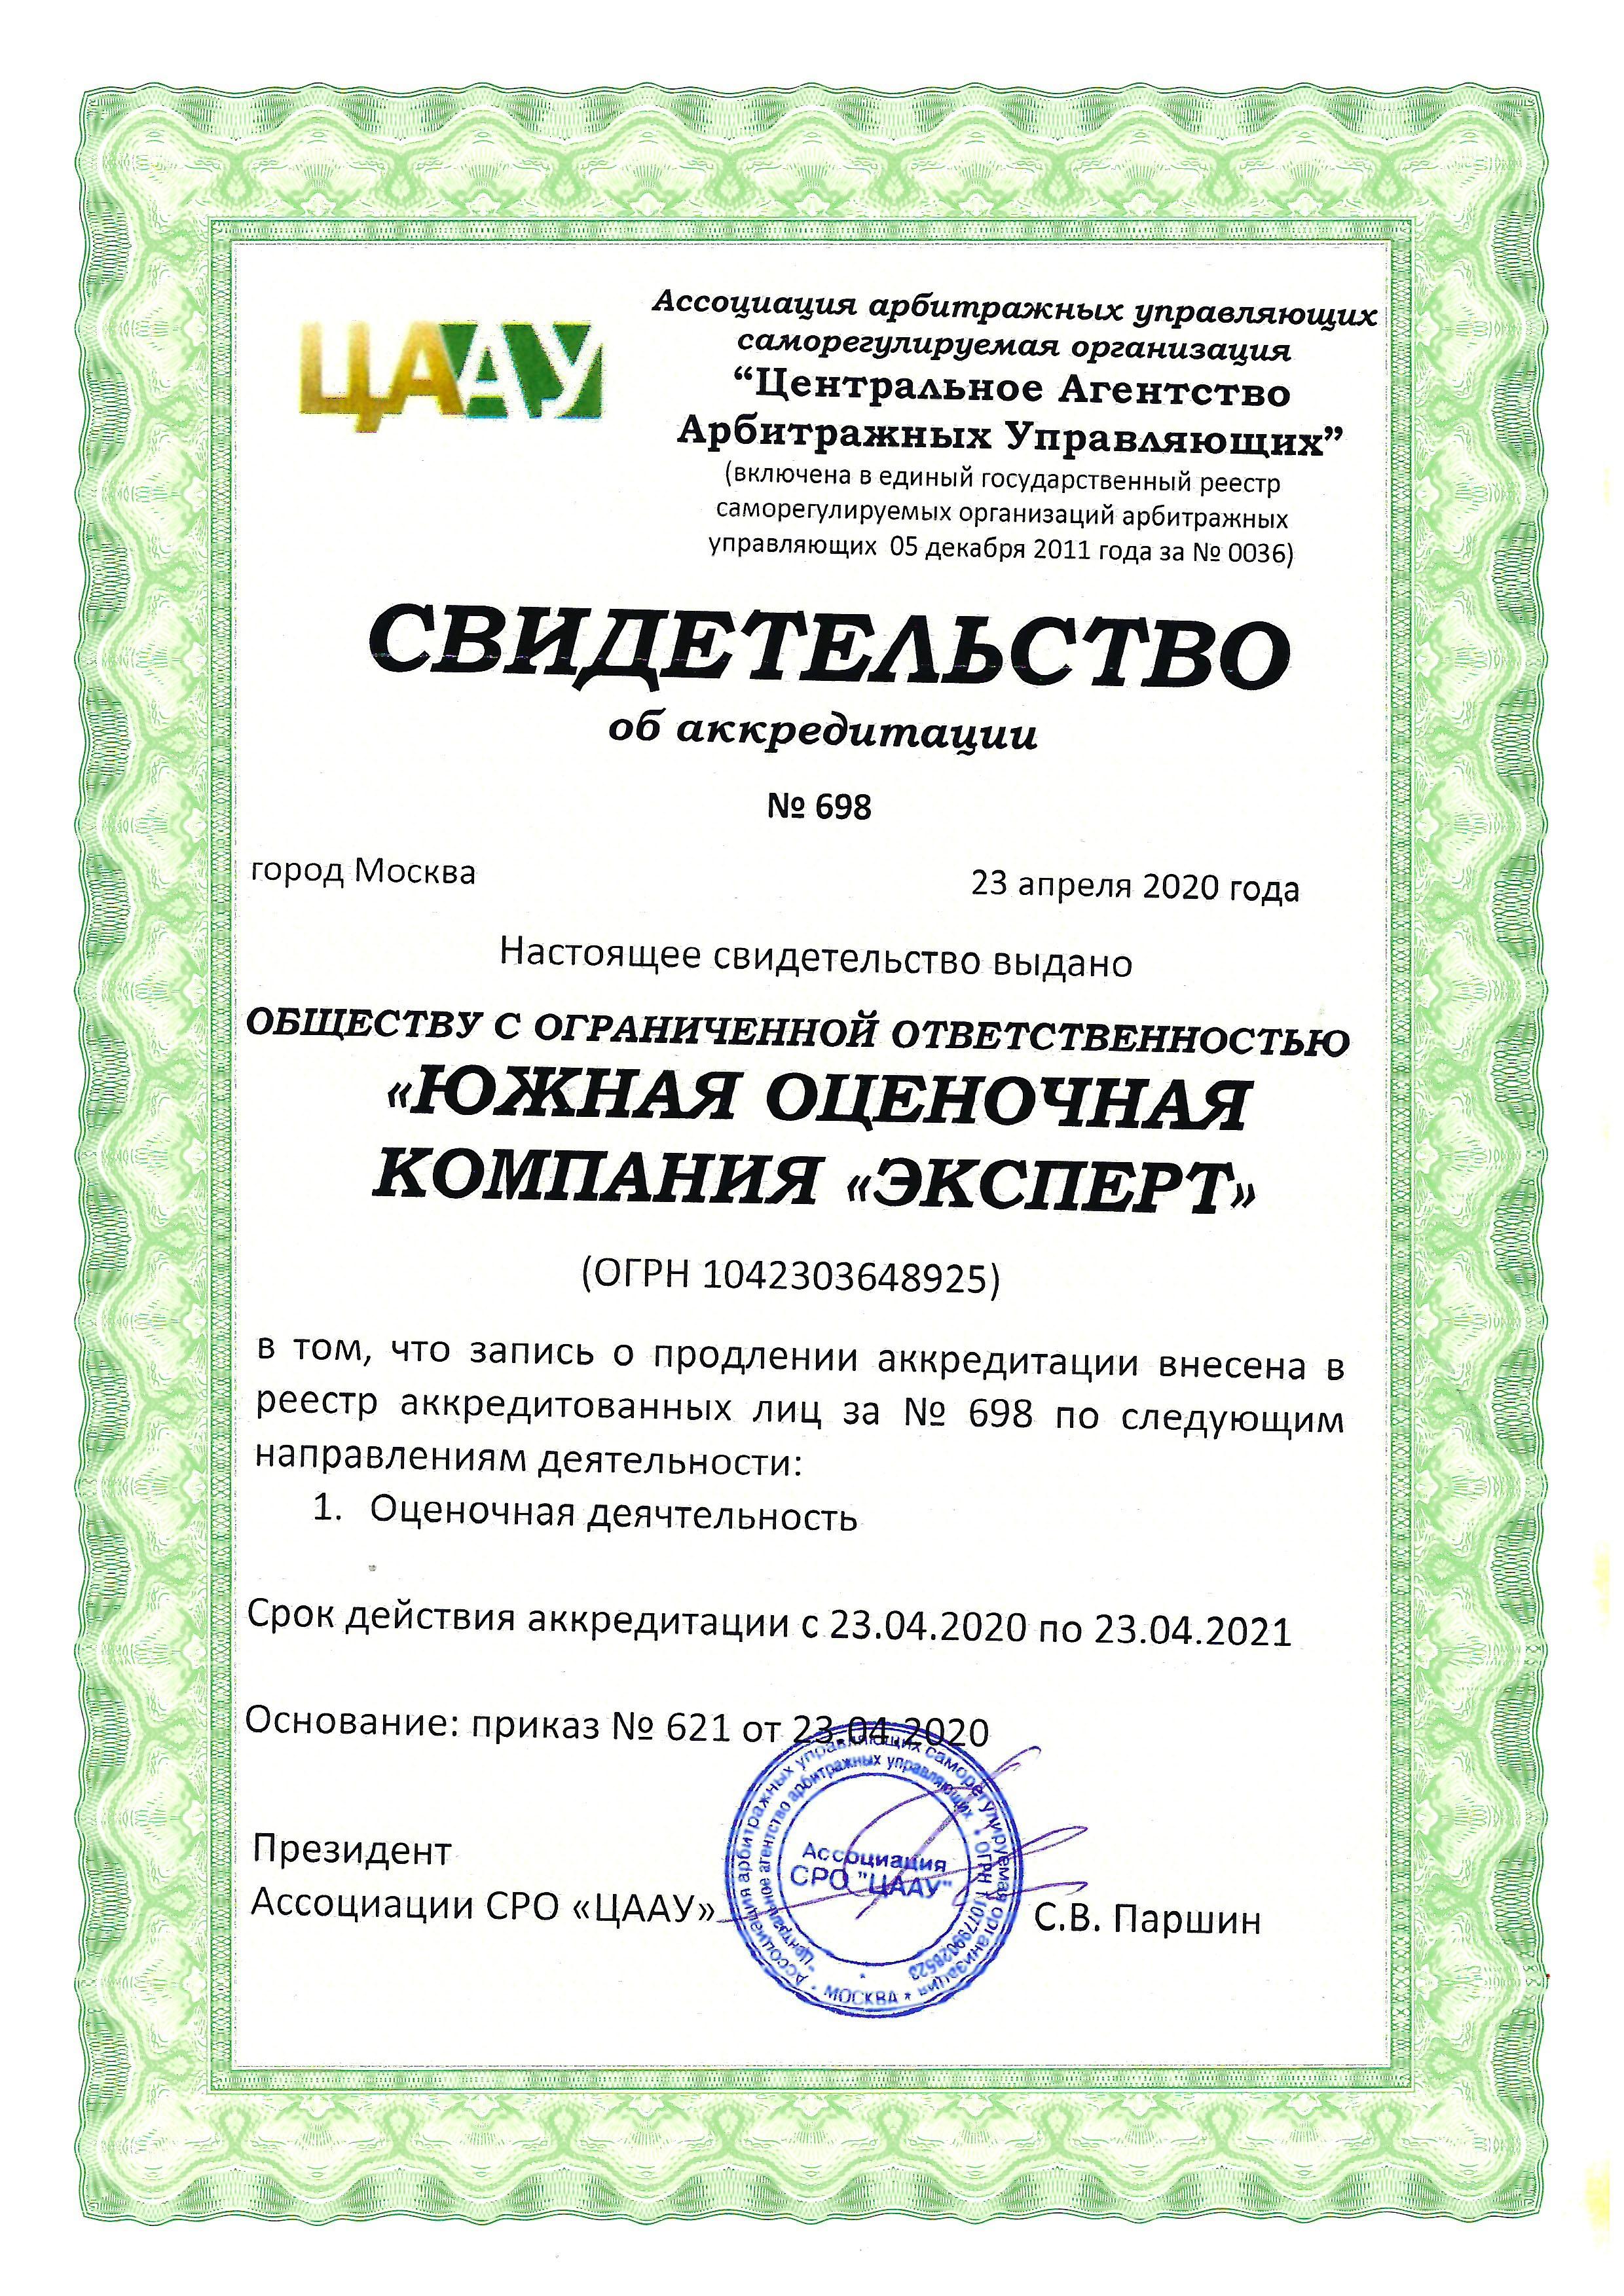 Аккредитация Центральное Агенство Арбитражных Управляющих